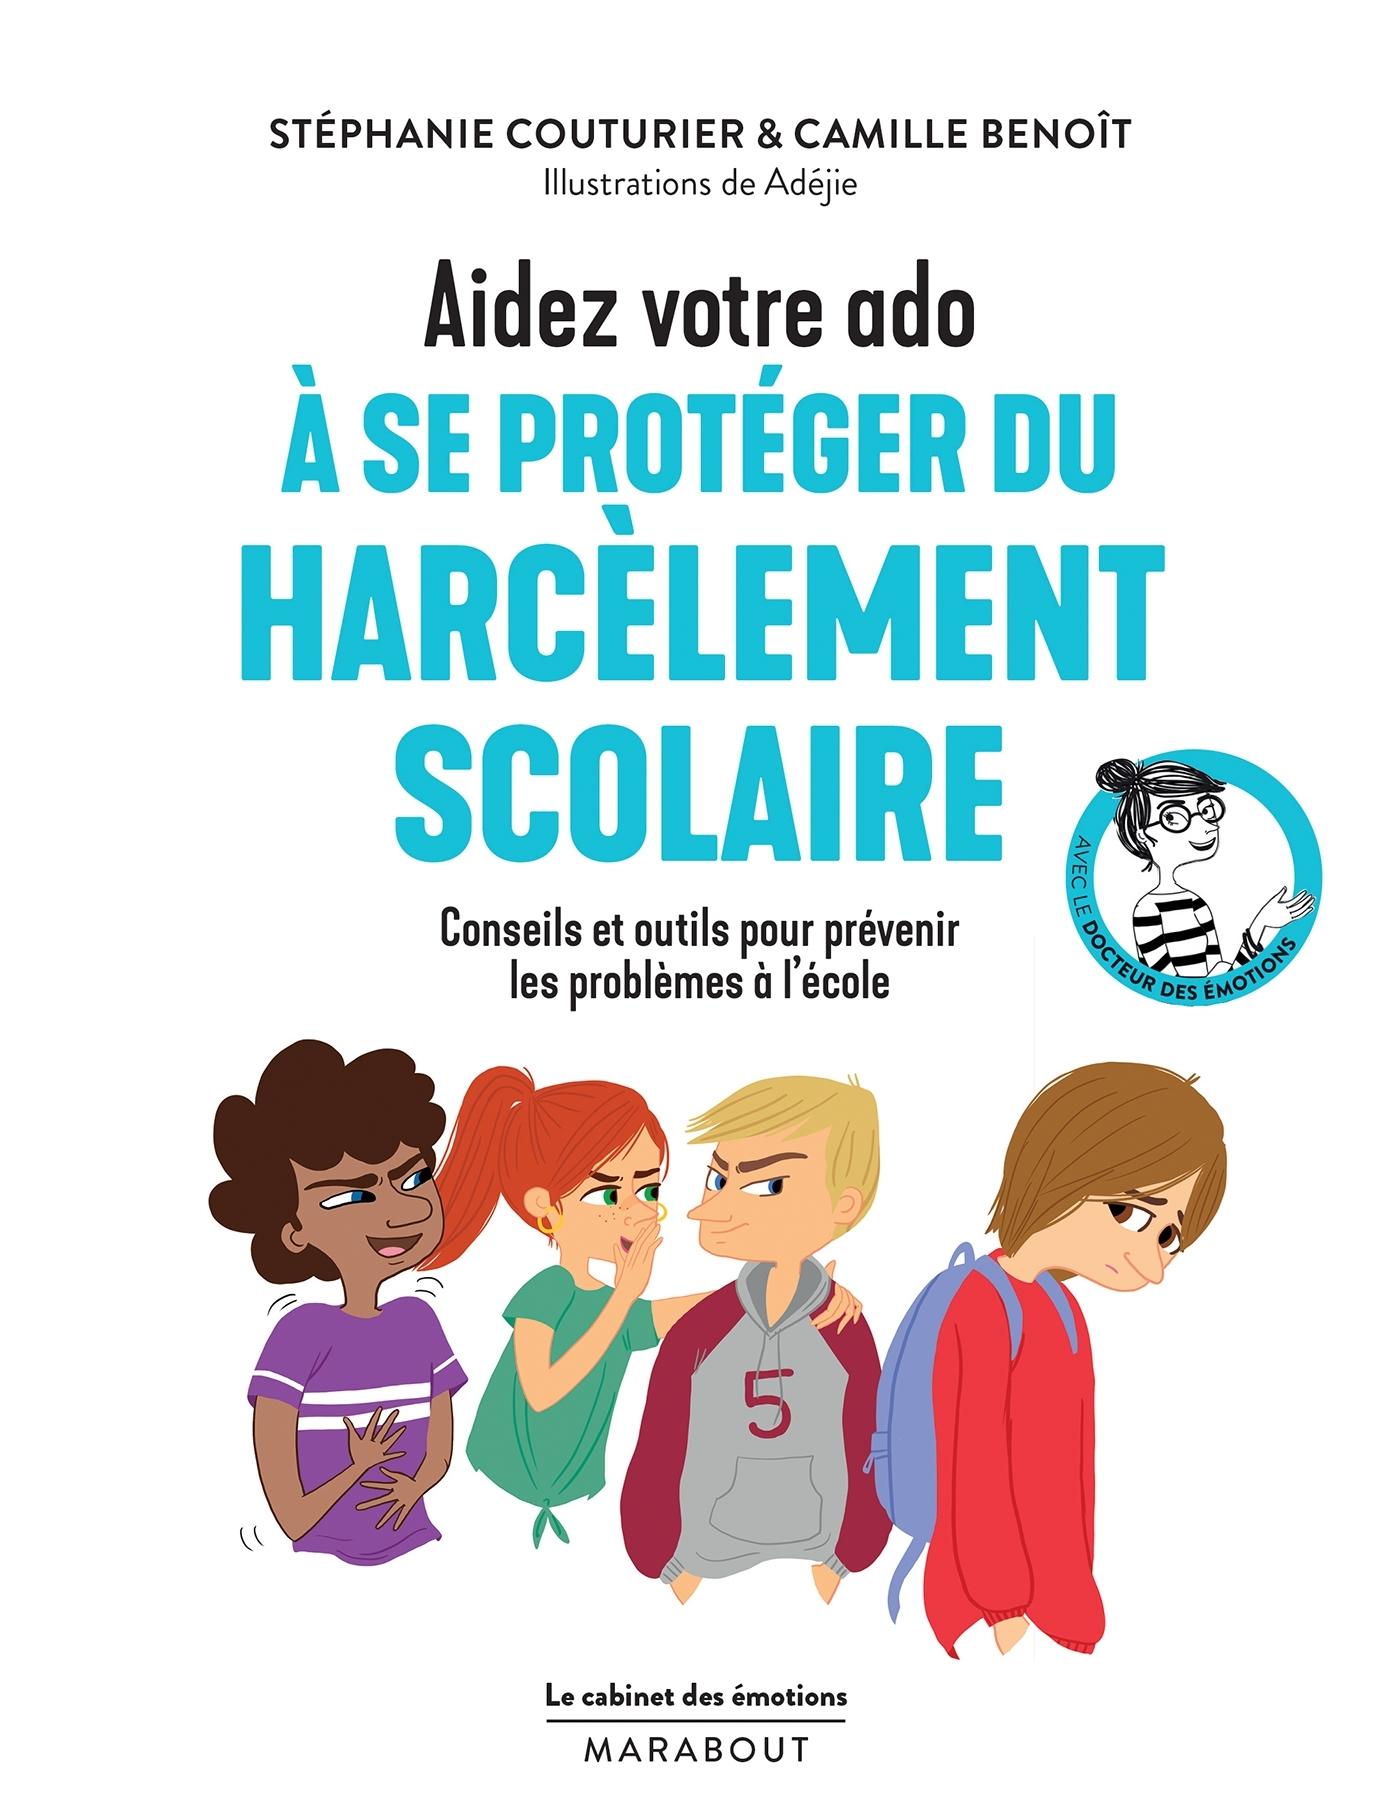 LE CABINET DES EMOTIONS : AIDEZ VOTRE ADO A SE PROTEGER DU HARCELEMENT SCOLAIRE